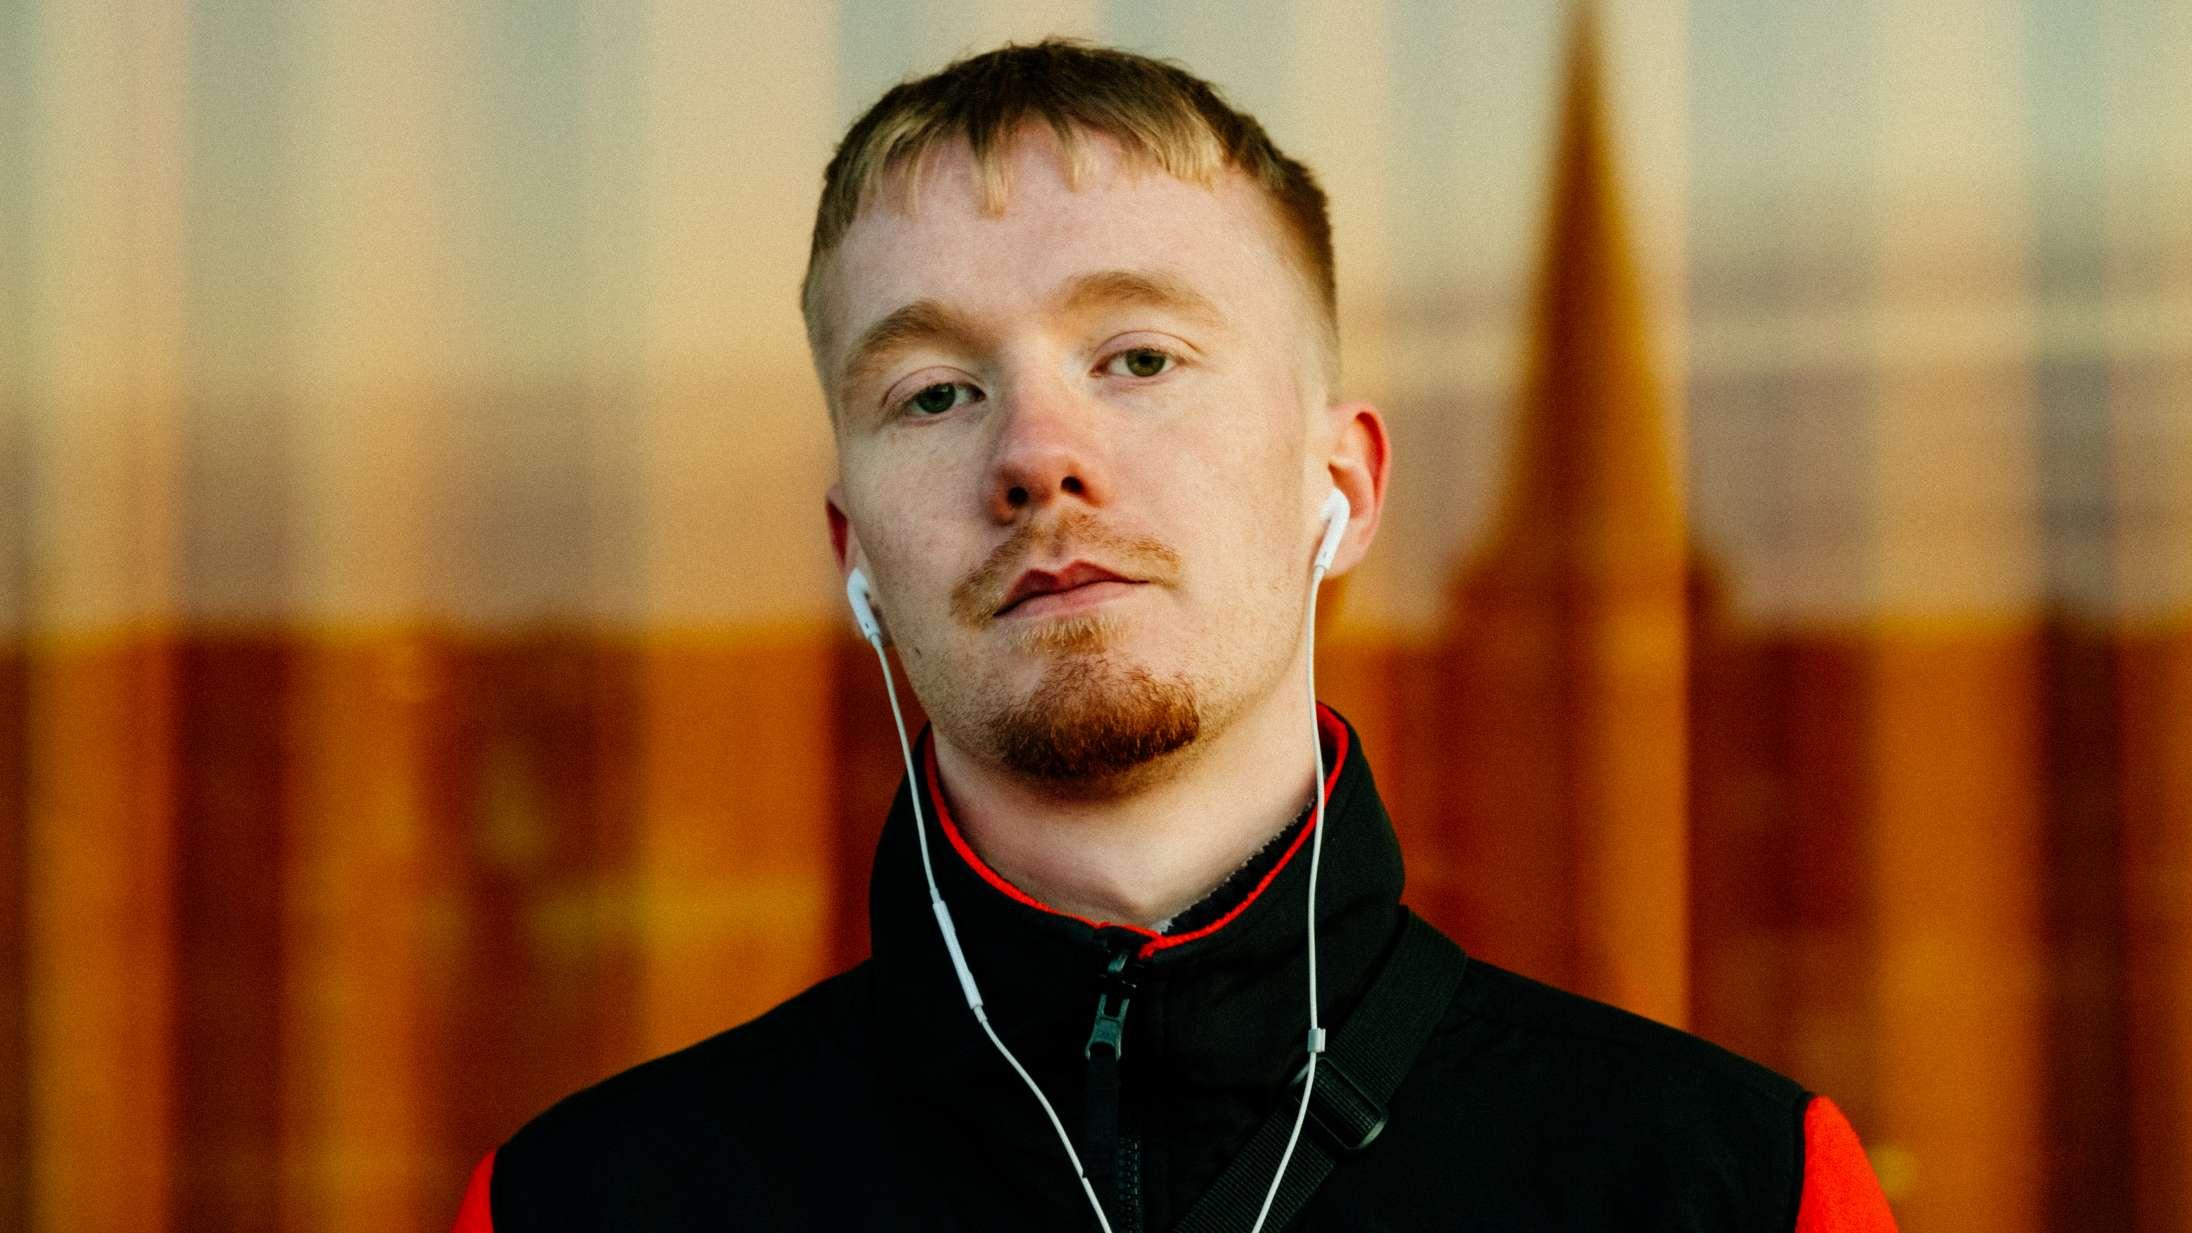 Den danske rapper Josvas debutalbum udforsker følelsen af at føle absolut ingenting